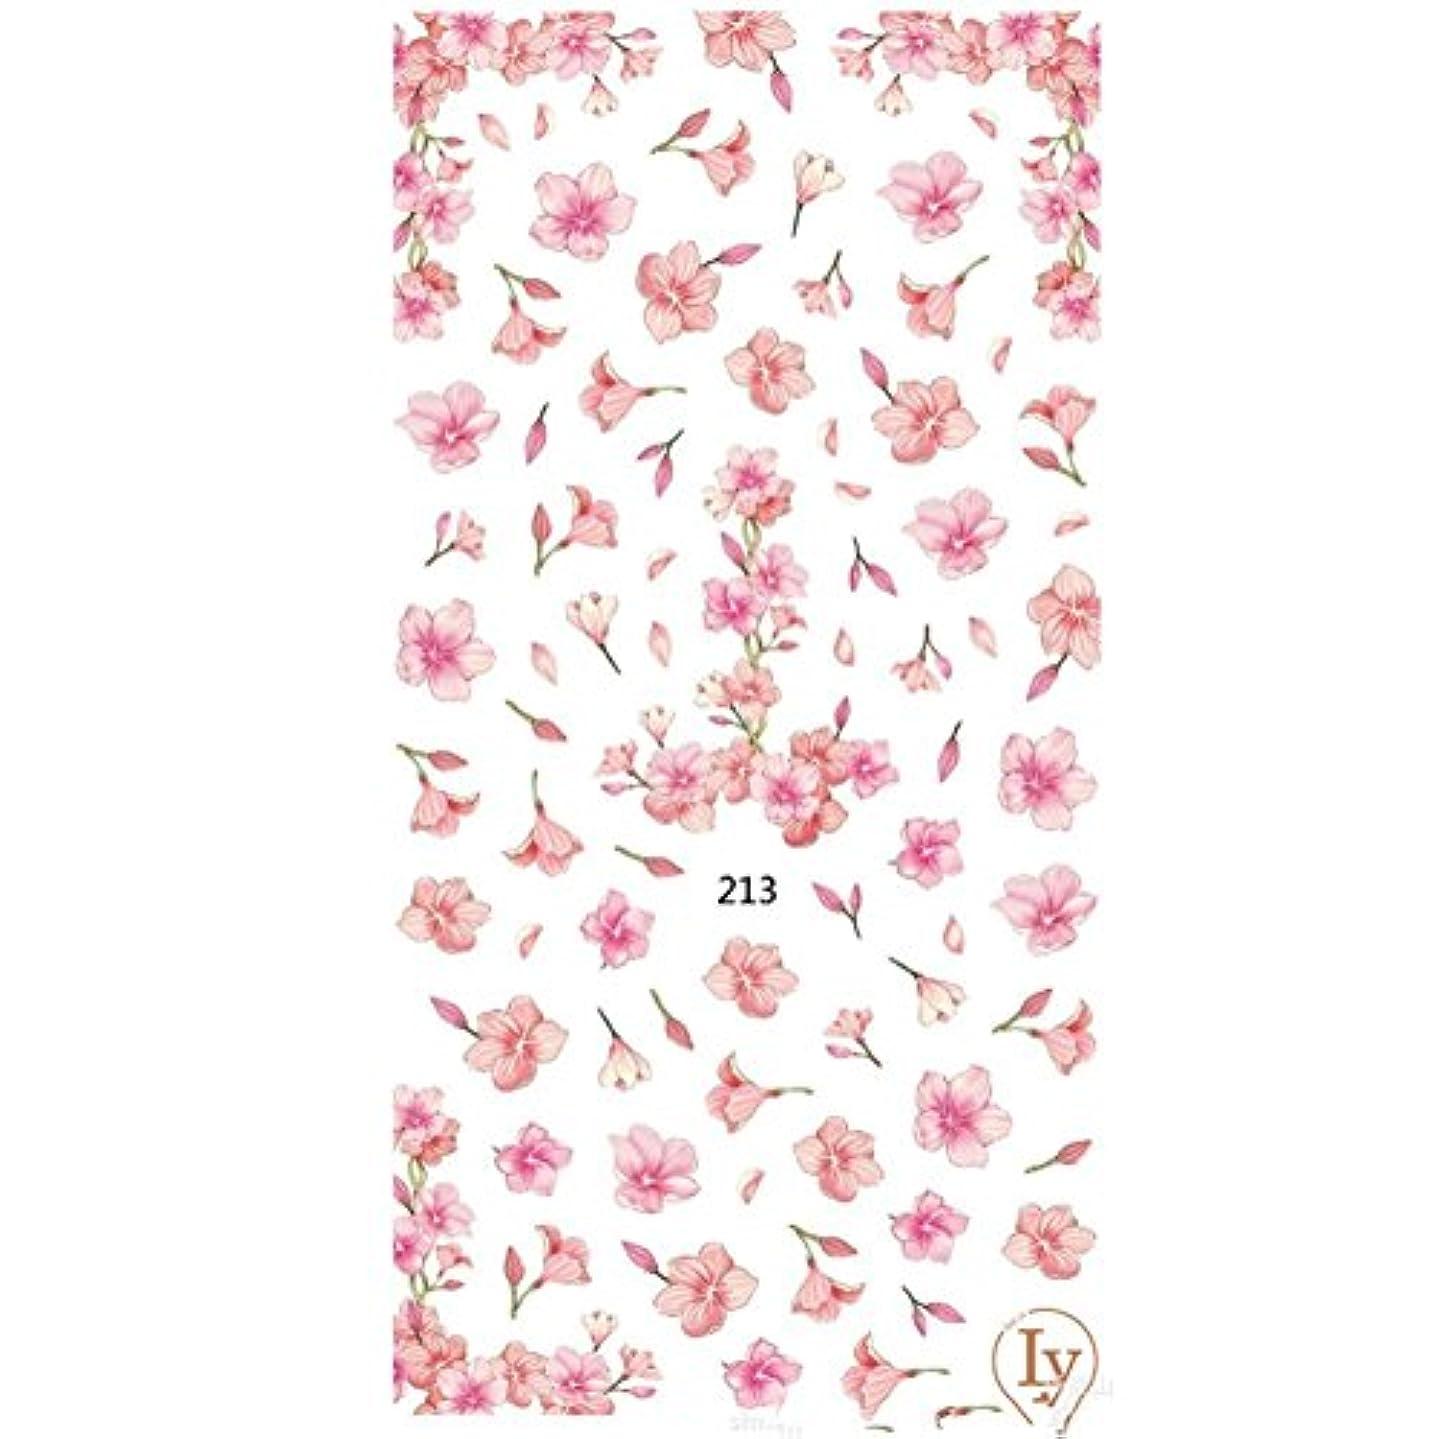 教養がある影響するハイランドネイルステッカー 1シート 桜 フラワー 花 パターン 3Dシール ネイルステッカー ネイルシール ネイルアート ネイルデコ